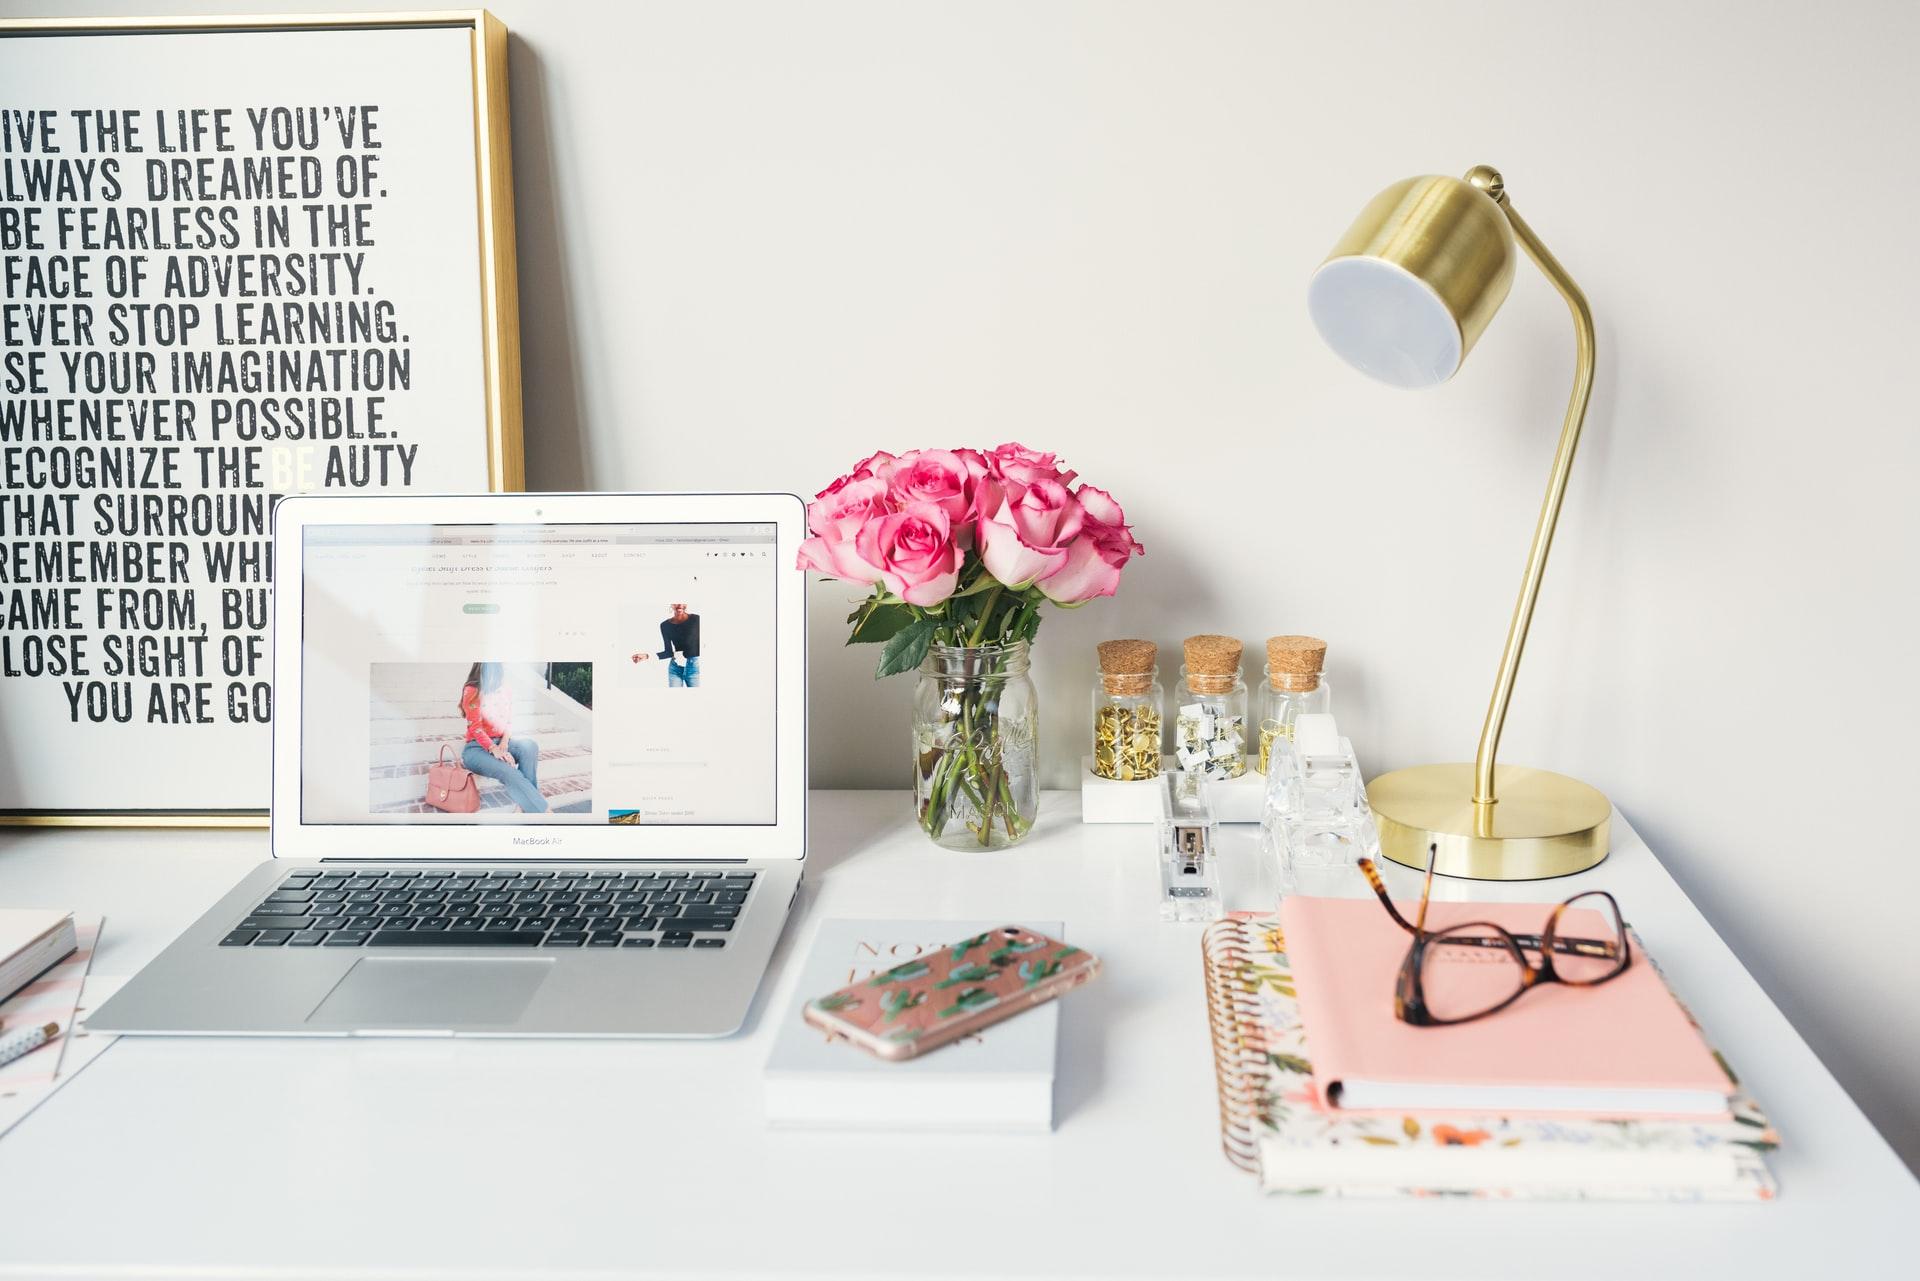 Startiraneto na blog – ochakvaniya sreshtu realnost